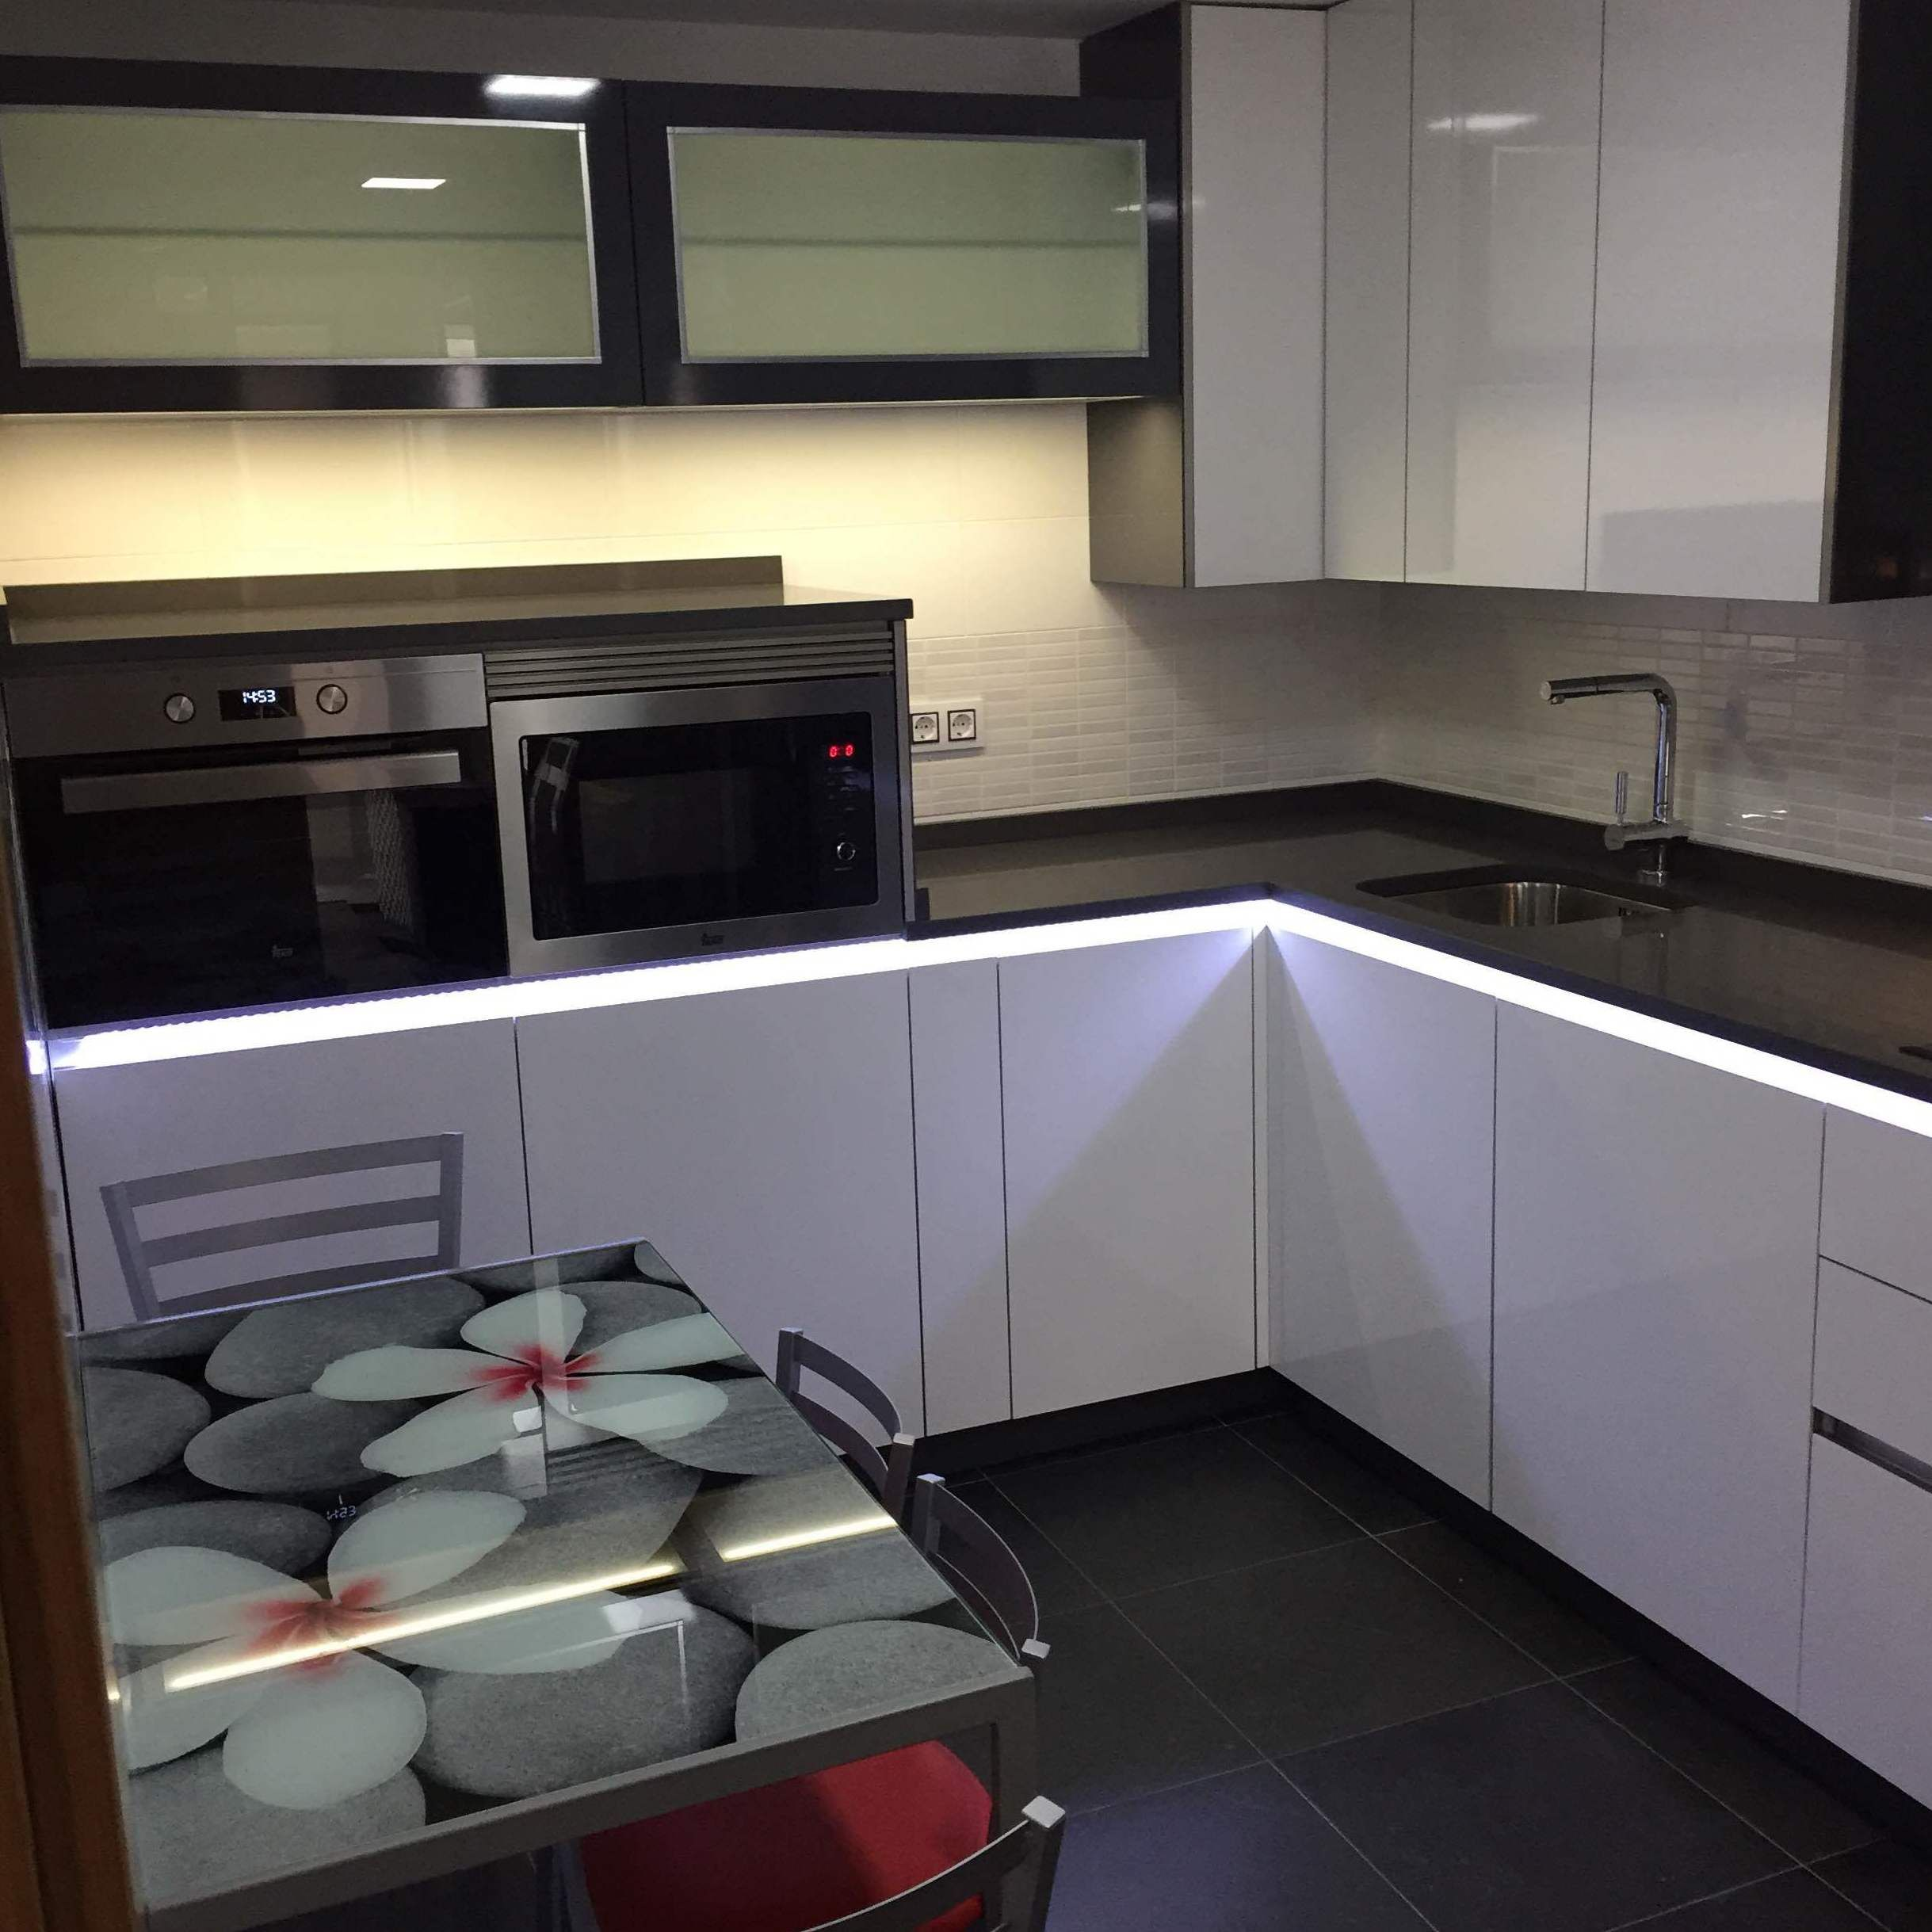 Muebles de cocina en alcal de henares muebles de cocina for Muebles de cocina alcala de henares